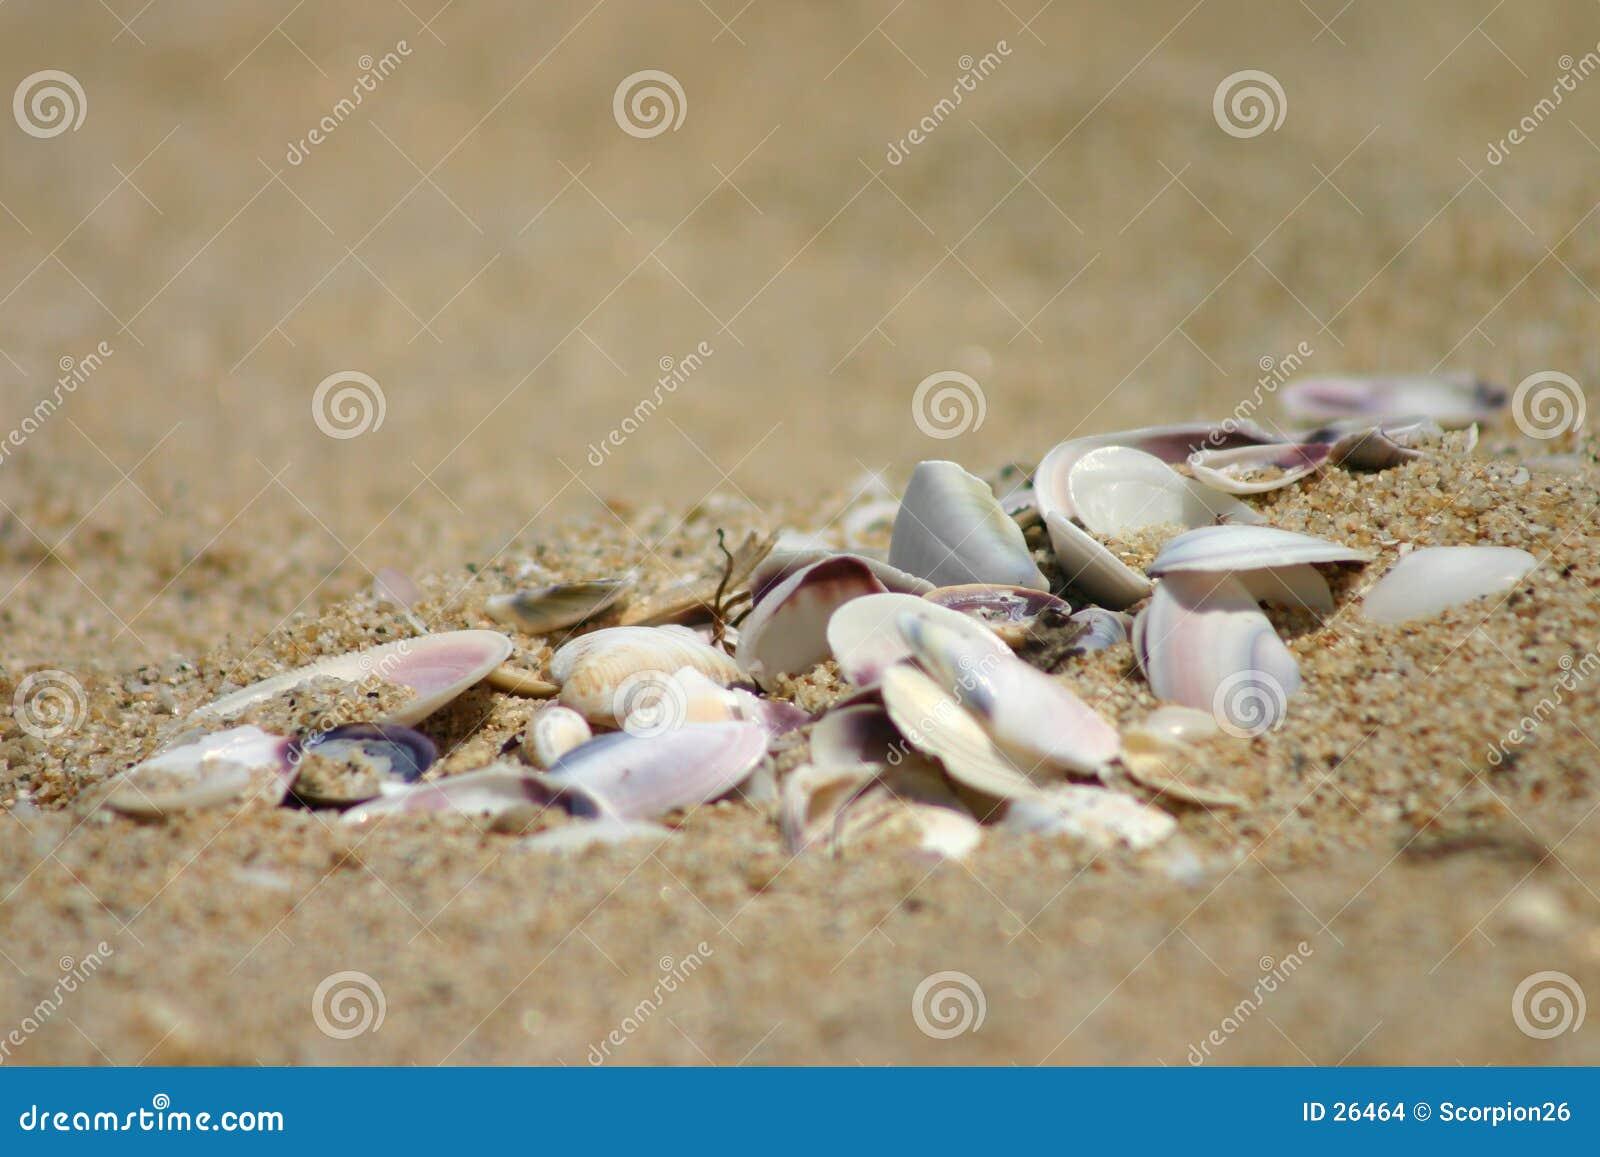 Broken mussels